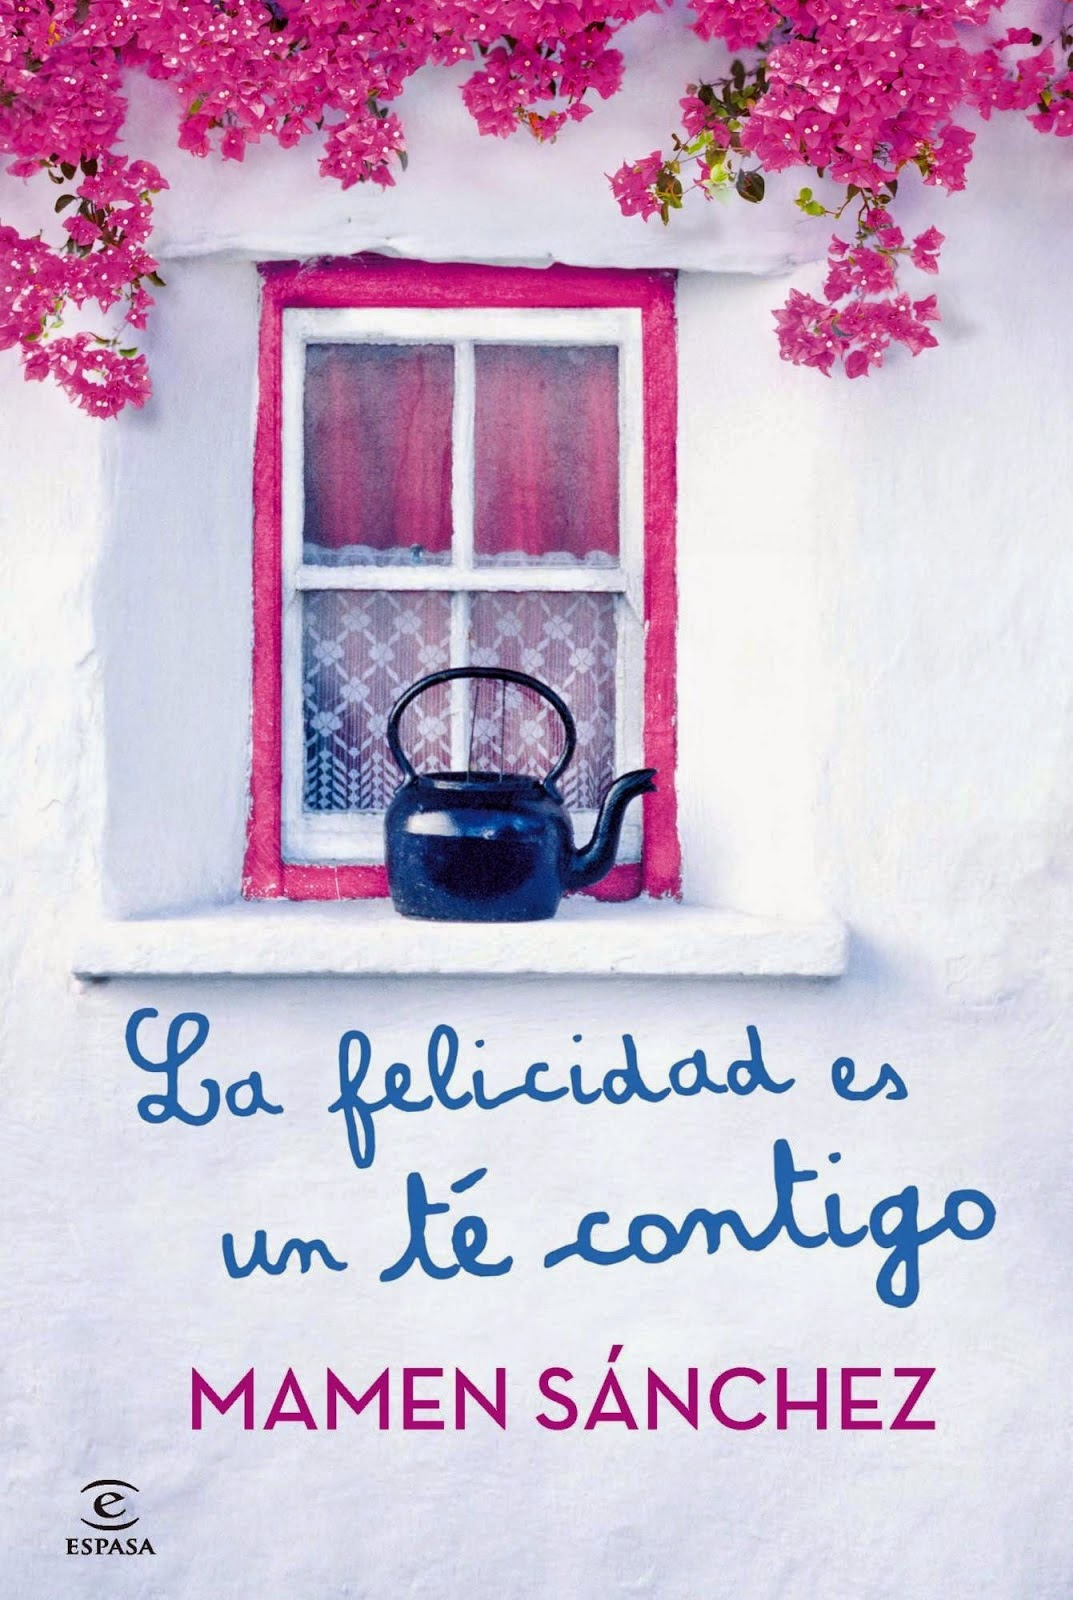 http://poramoraloslibros.blogspot.com.es/2014/07/resena-de-seguidores-ii-la-felicidad-es.html?showComment=1409234522626#c1247130900172584407